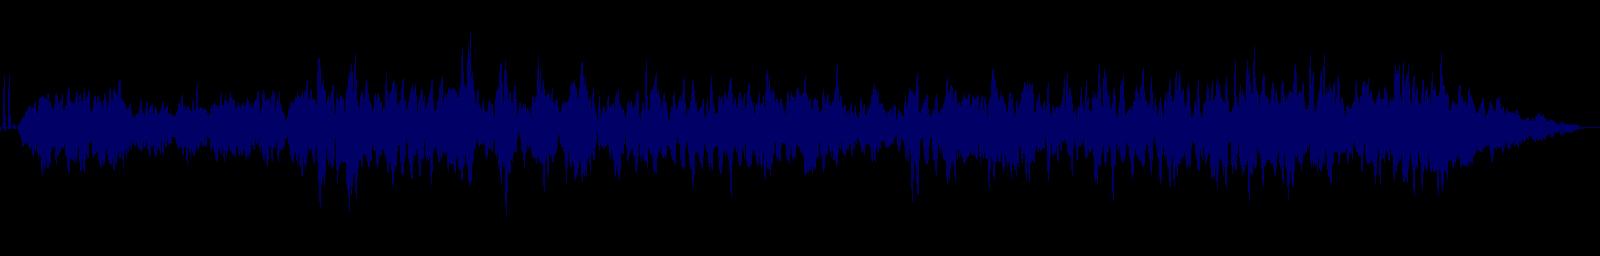 waveform of track #97857